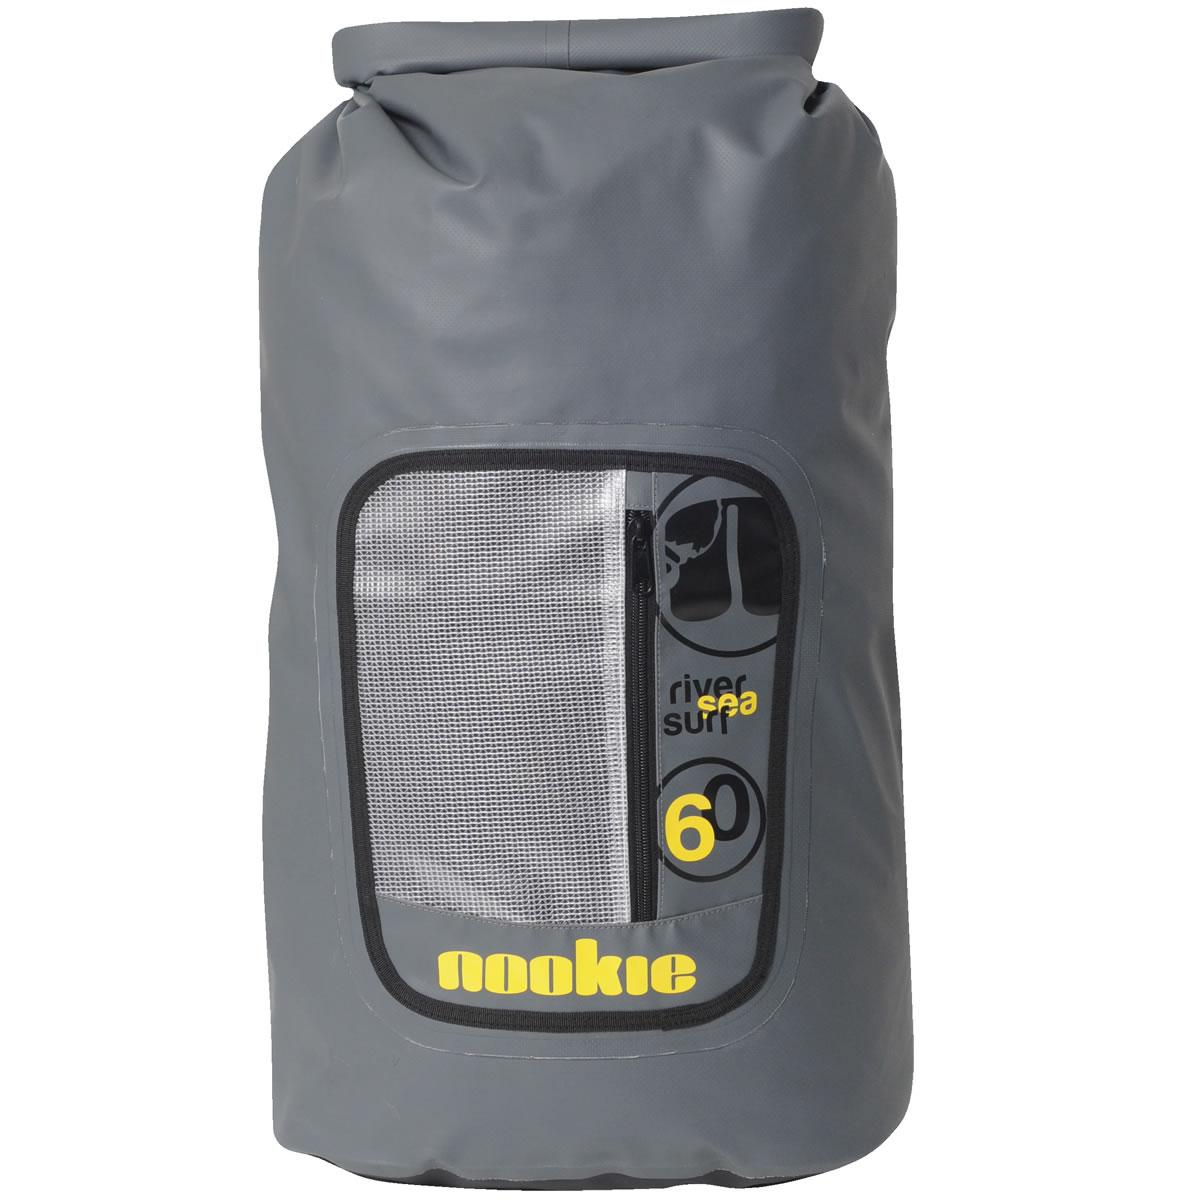 Nookie 60L Drybags